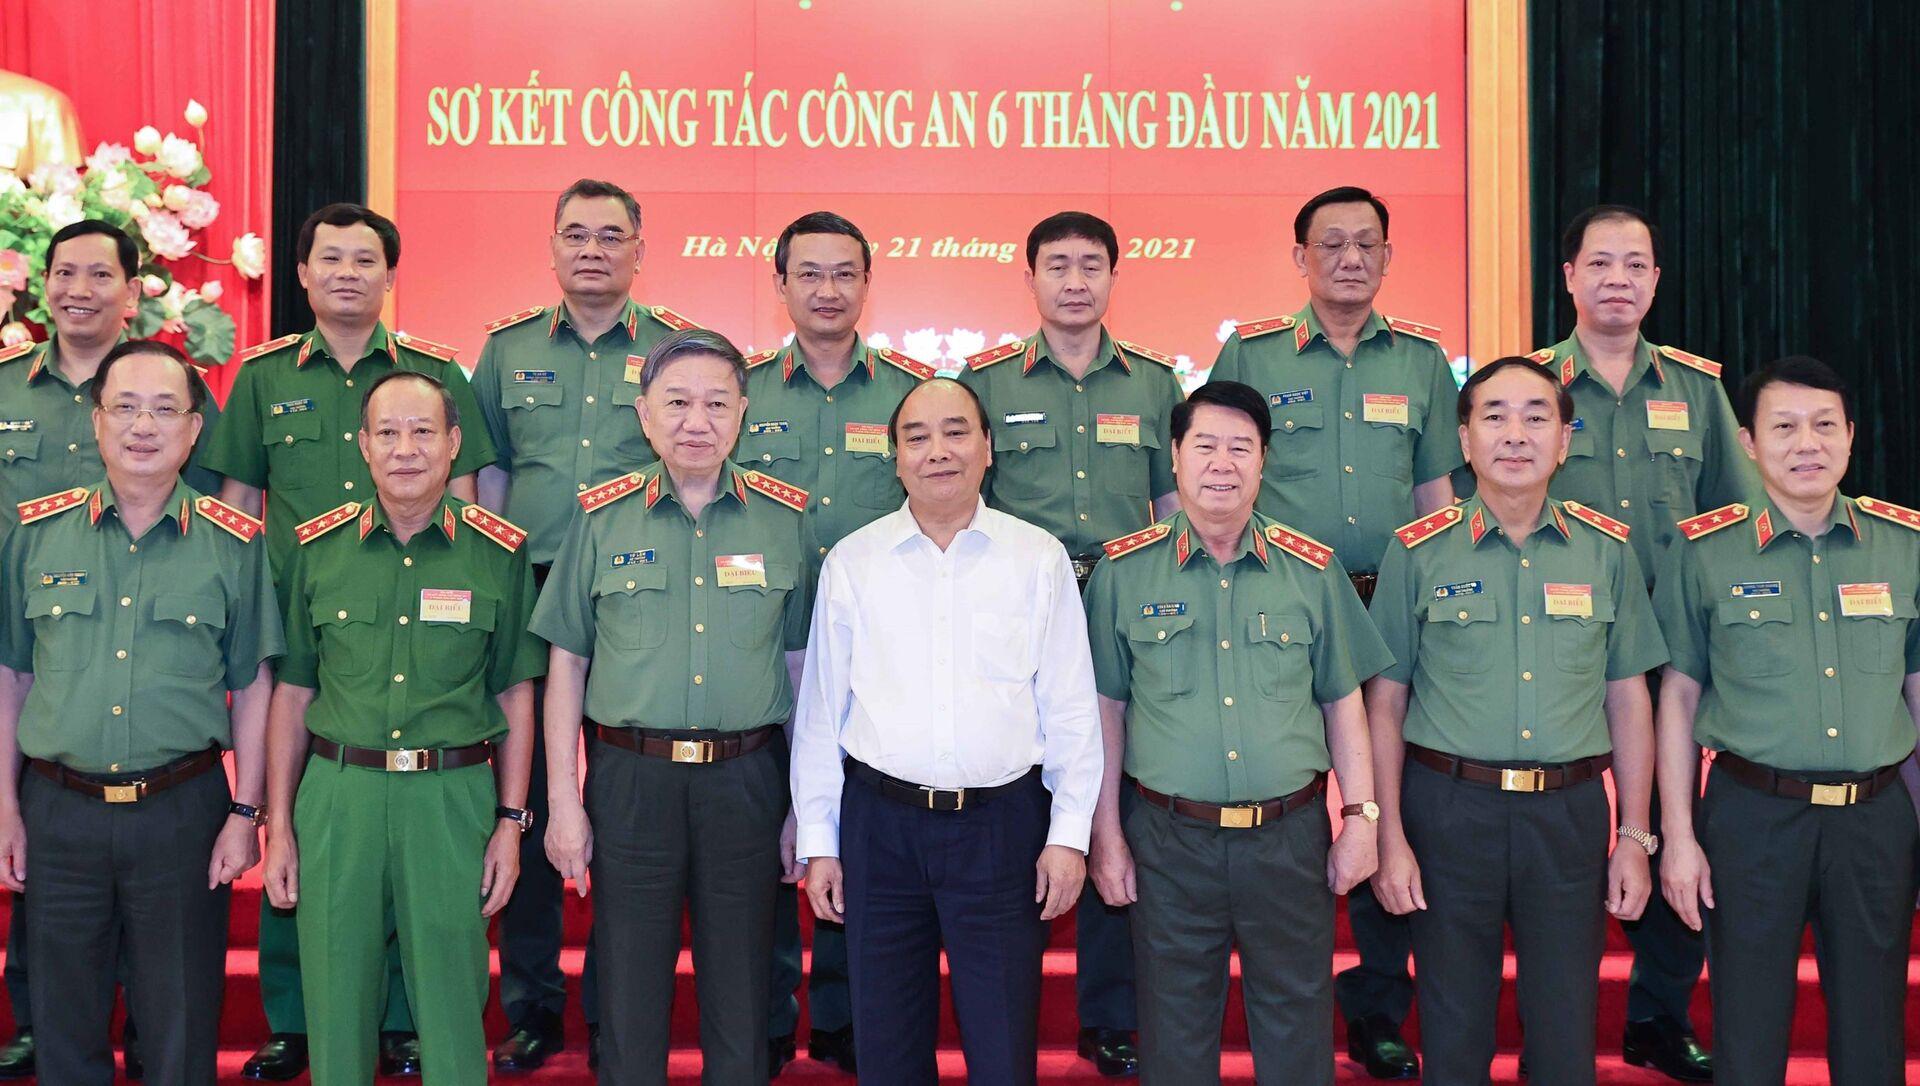 Chủ tịch nước Nguyễn Xuân Phúc dự Hội nghị sơ kết công tác Công an 6 tháng đầu năm 2021 - Sputnik Việt Nam, 1920, 22.06.2021